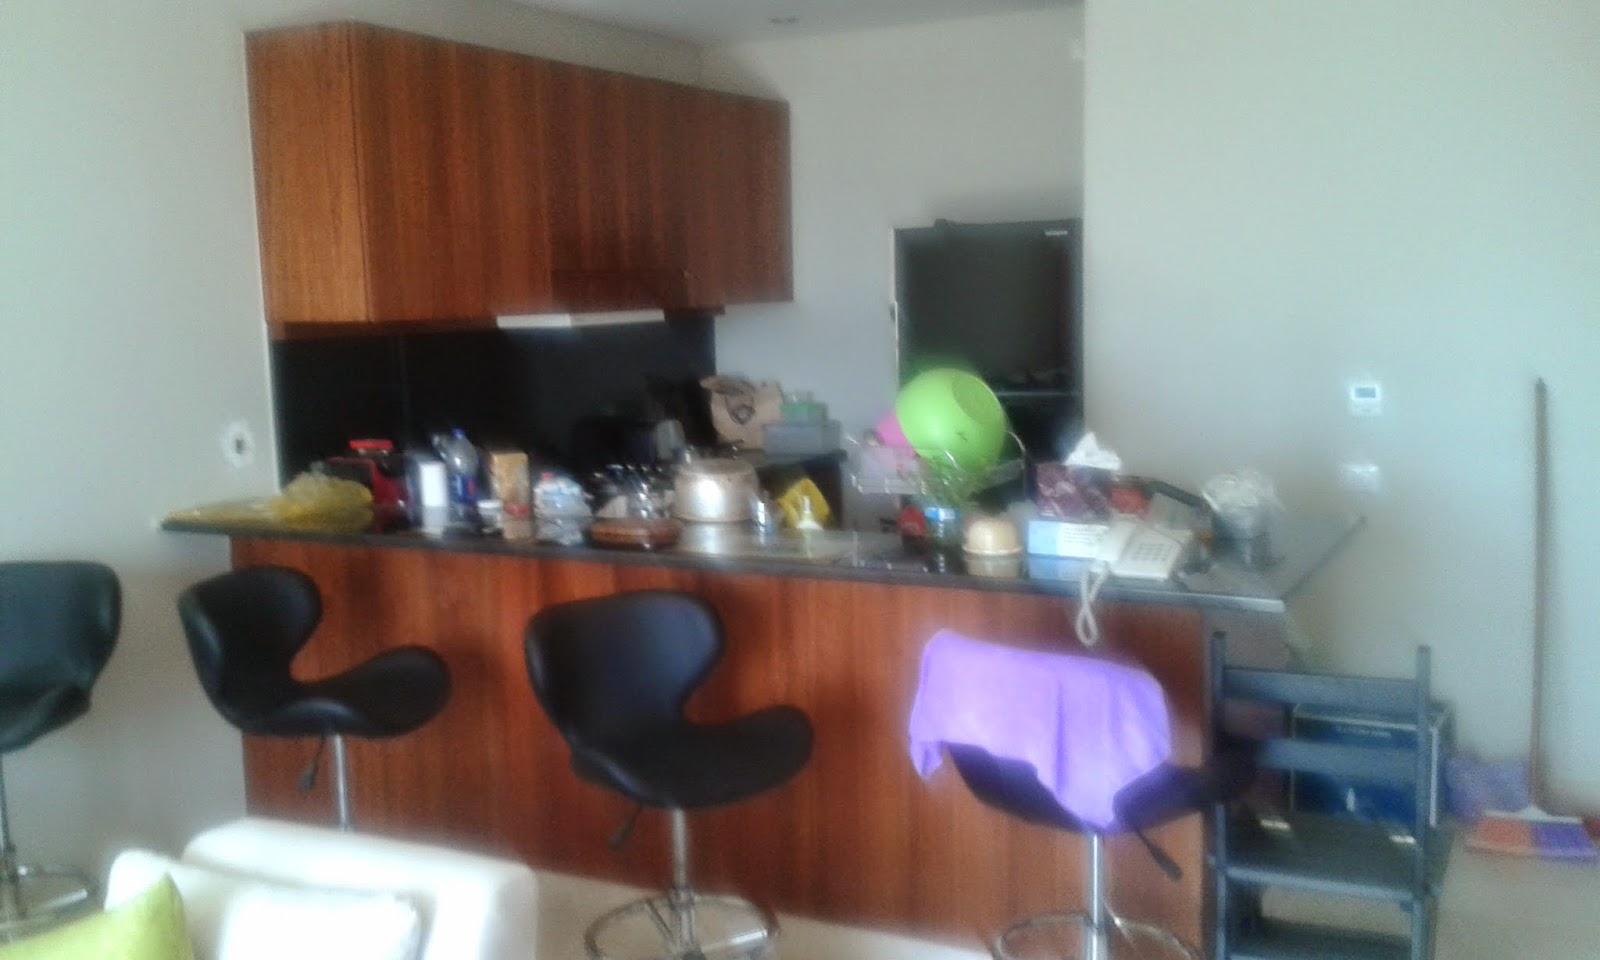 افكار للتخزين فى المطبخ الصغير